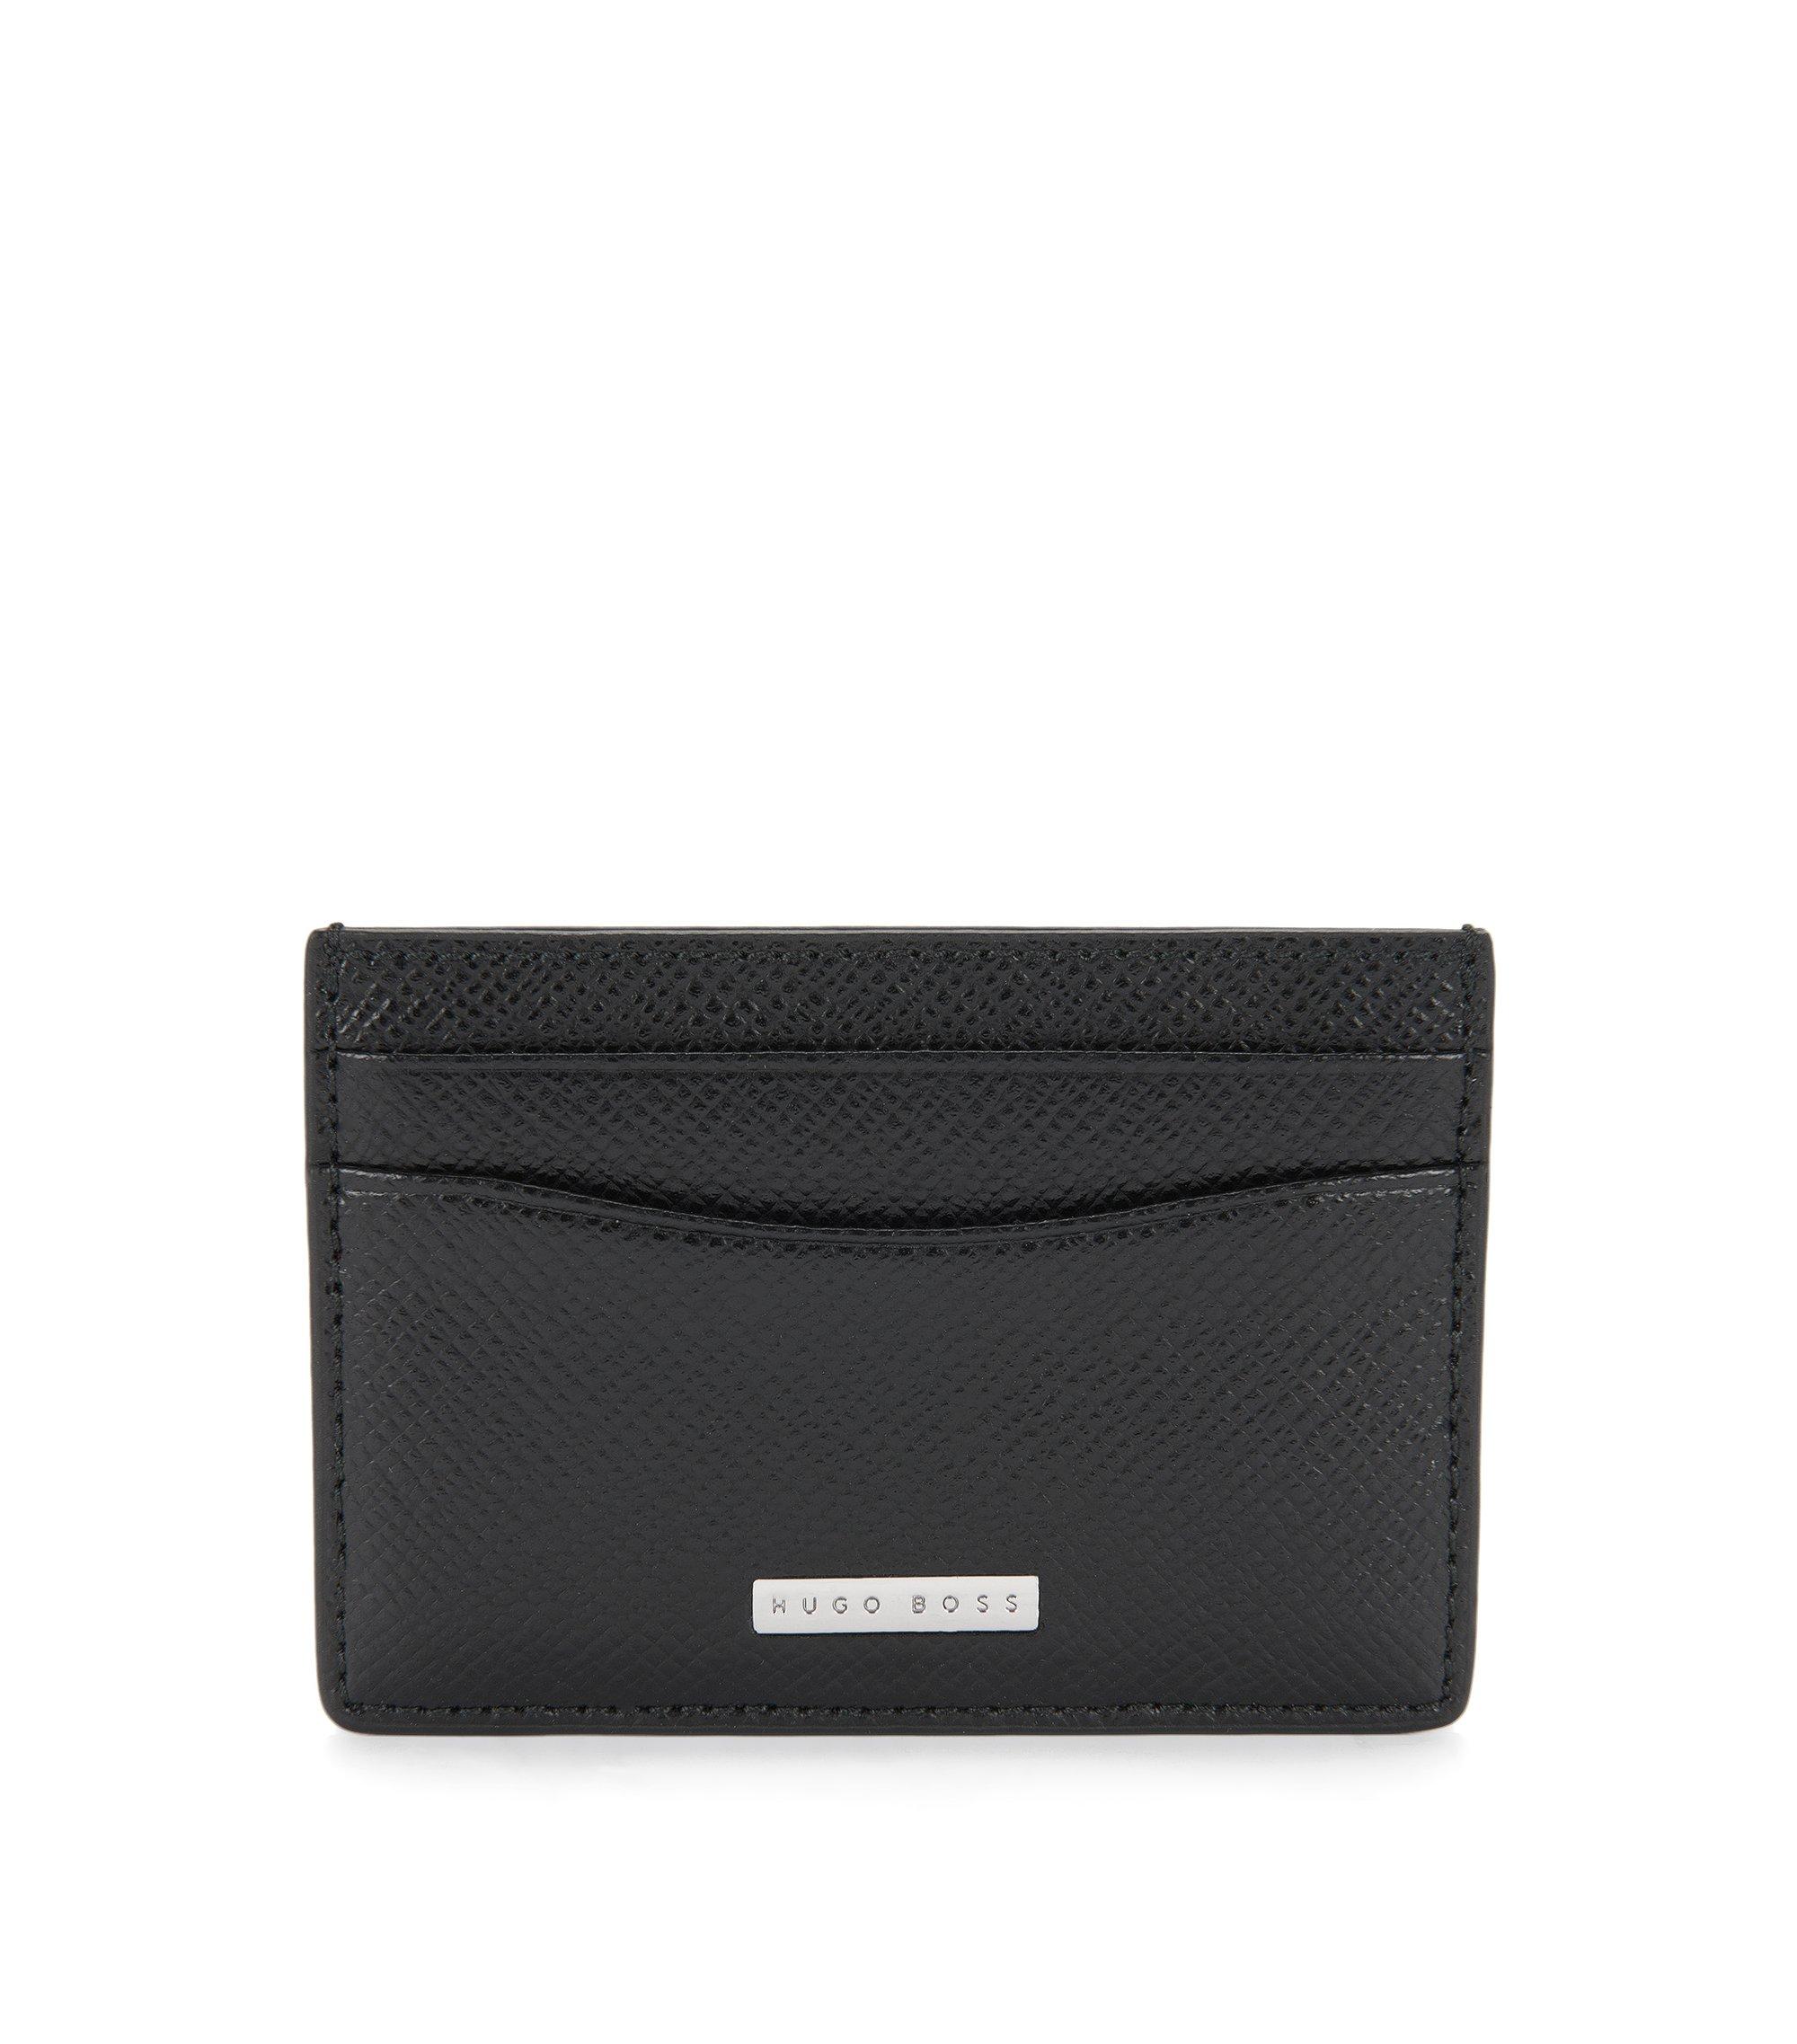 Calfskin Card Case | Signature S Card, Black